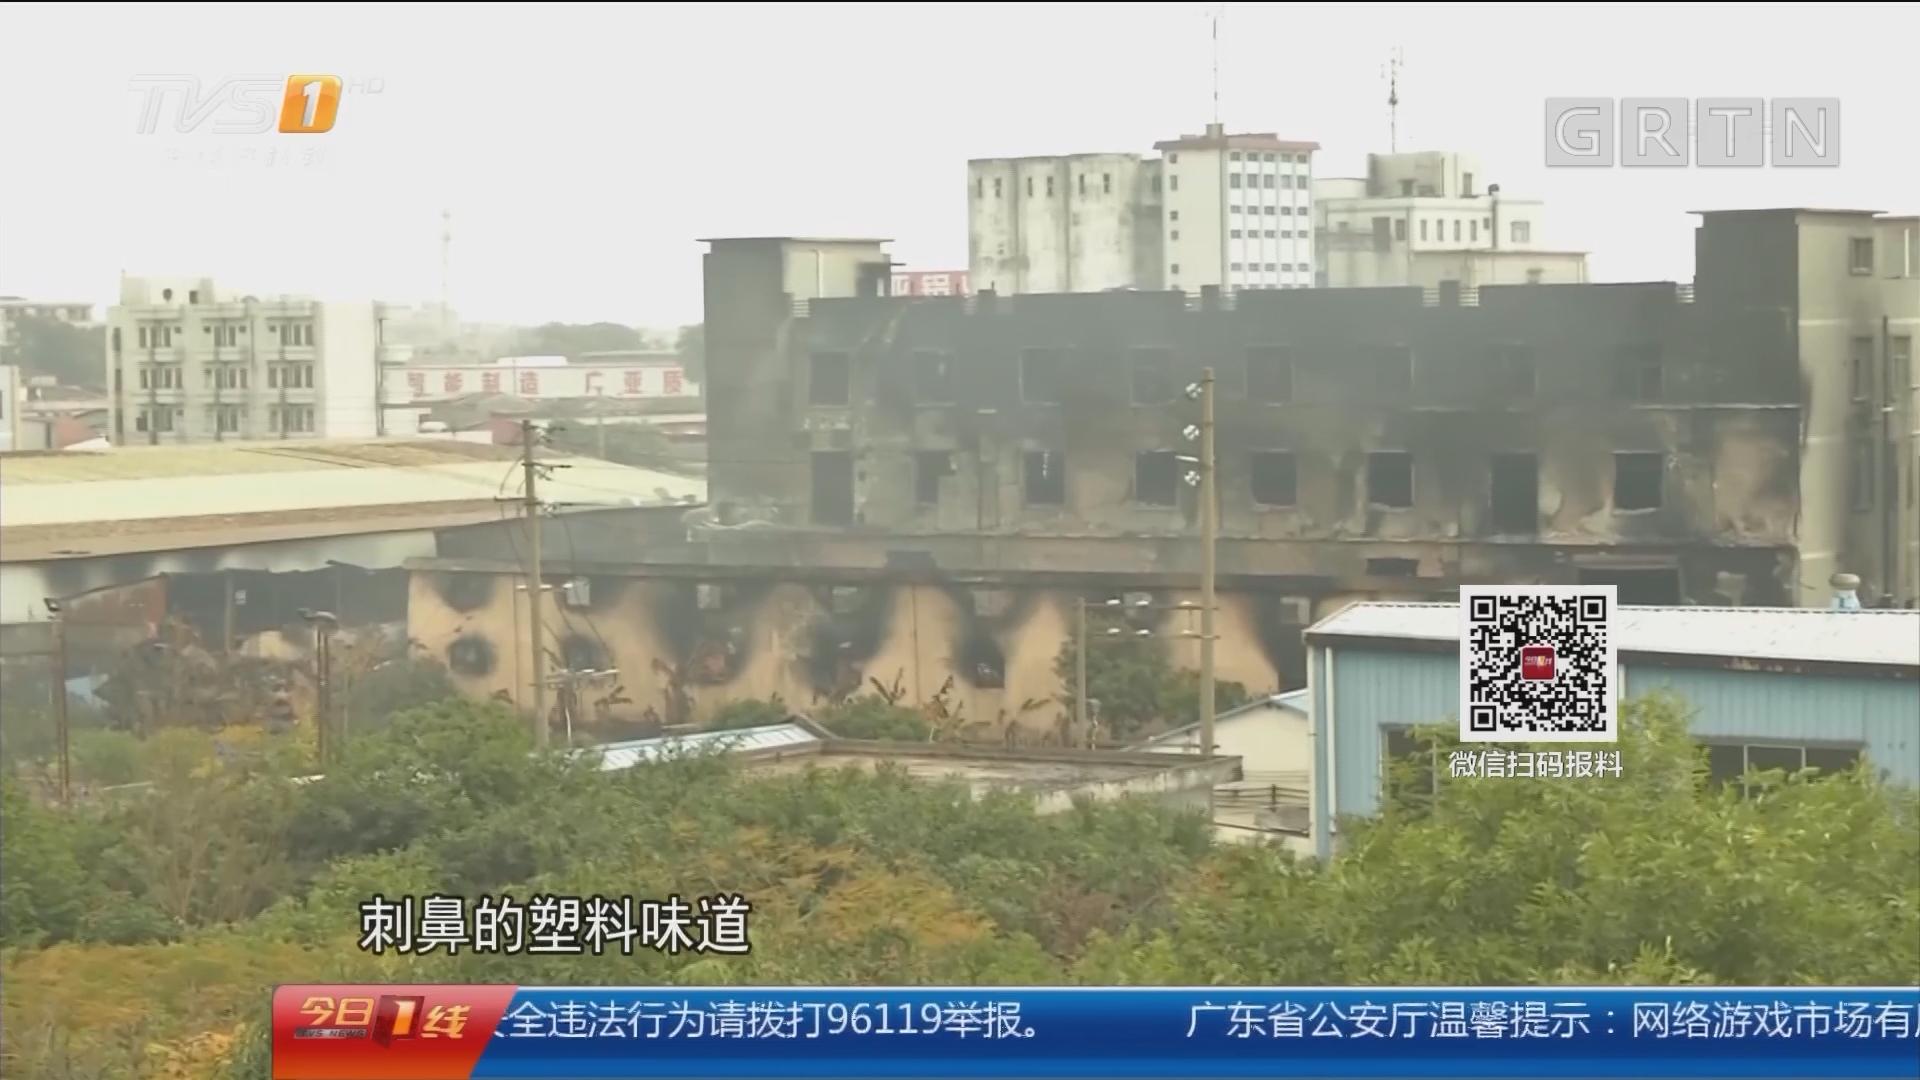 佛山南海:玩具厂仓库失火 三层楼烧通天